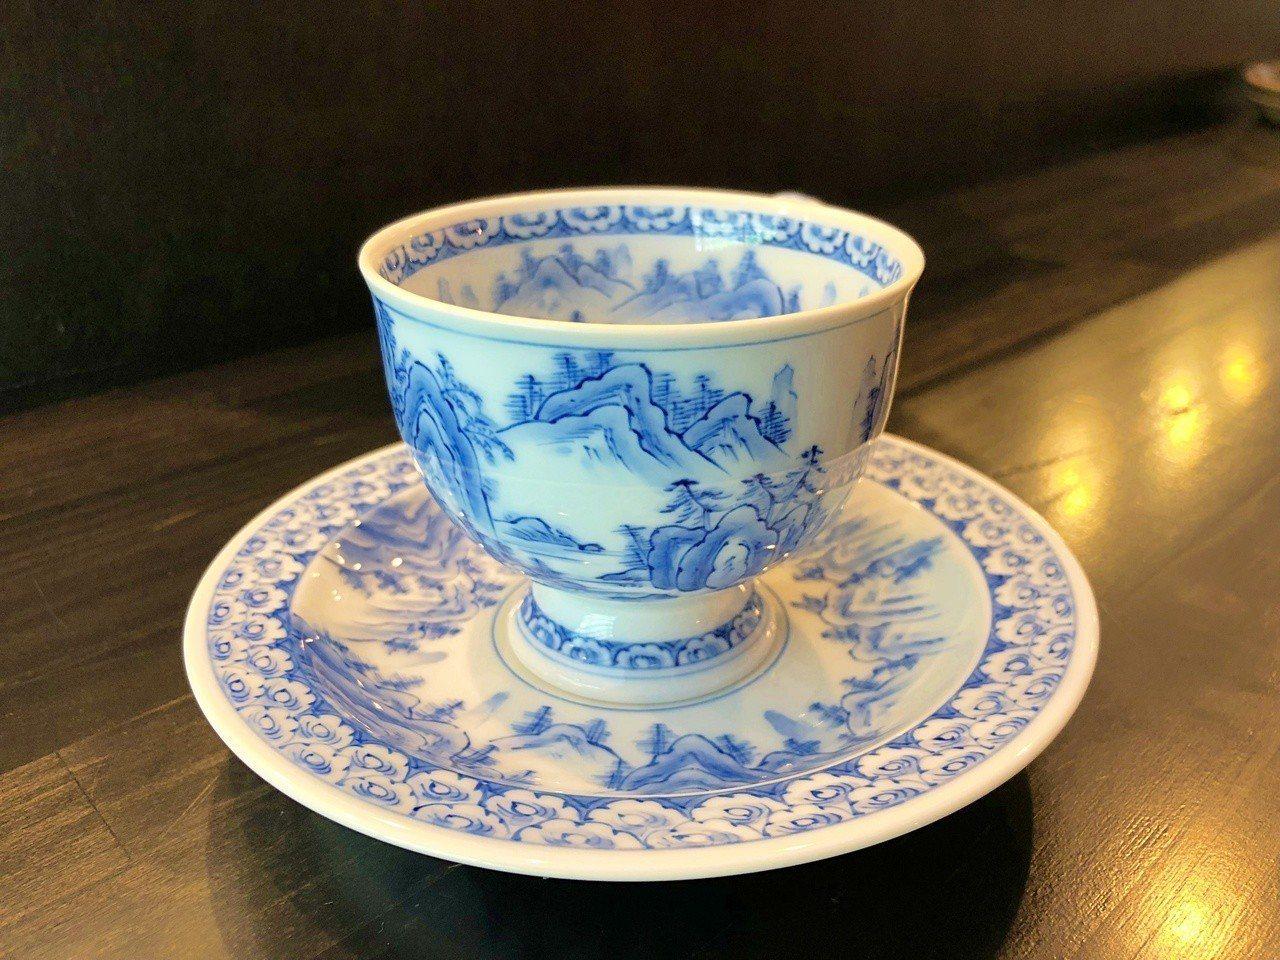 店內最貴的杯子就屬藝術家華山一筆一劃做成的咖啡杯,價格高達32萬日幣,相當於台幣...